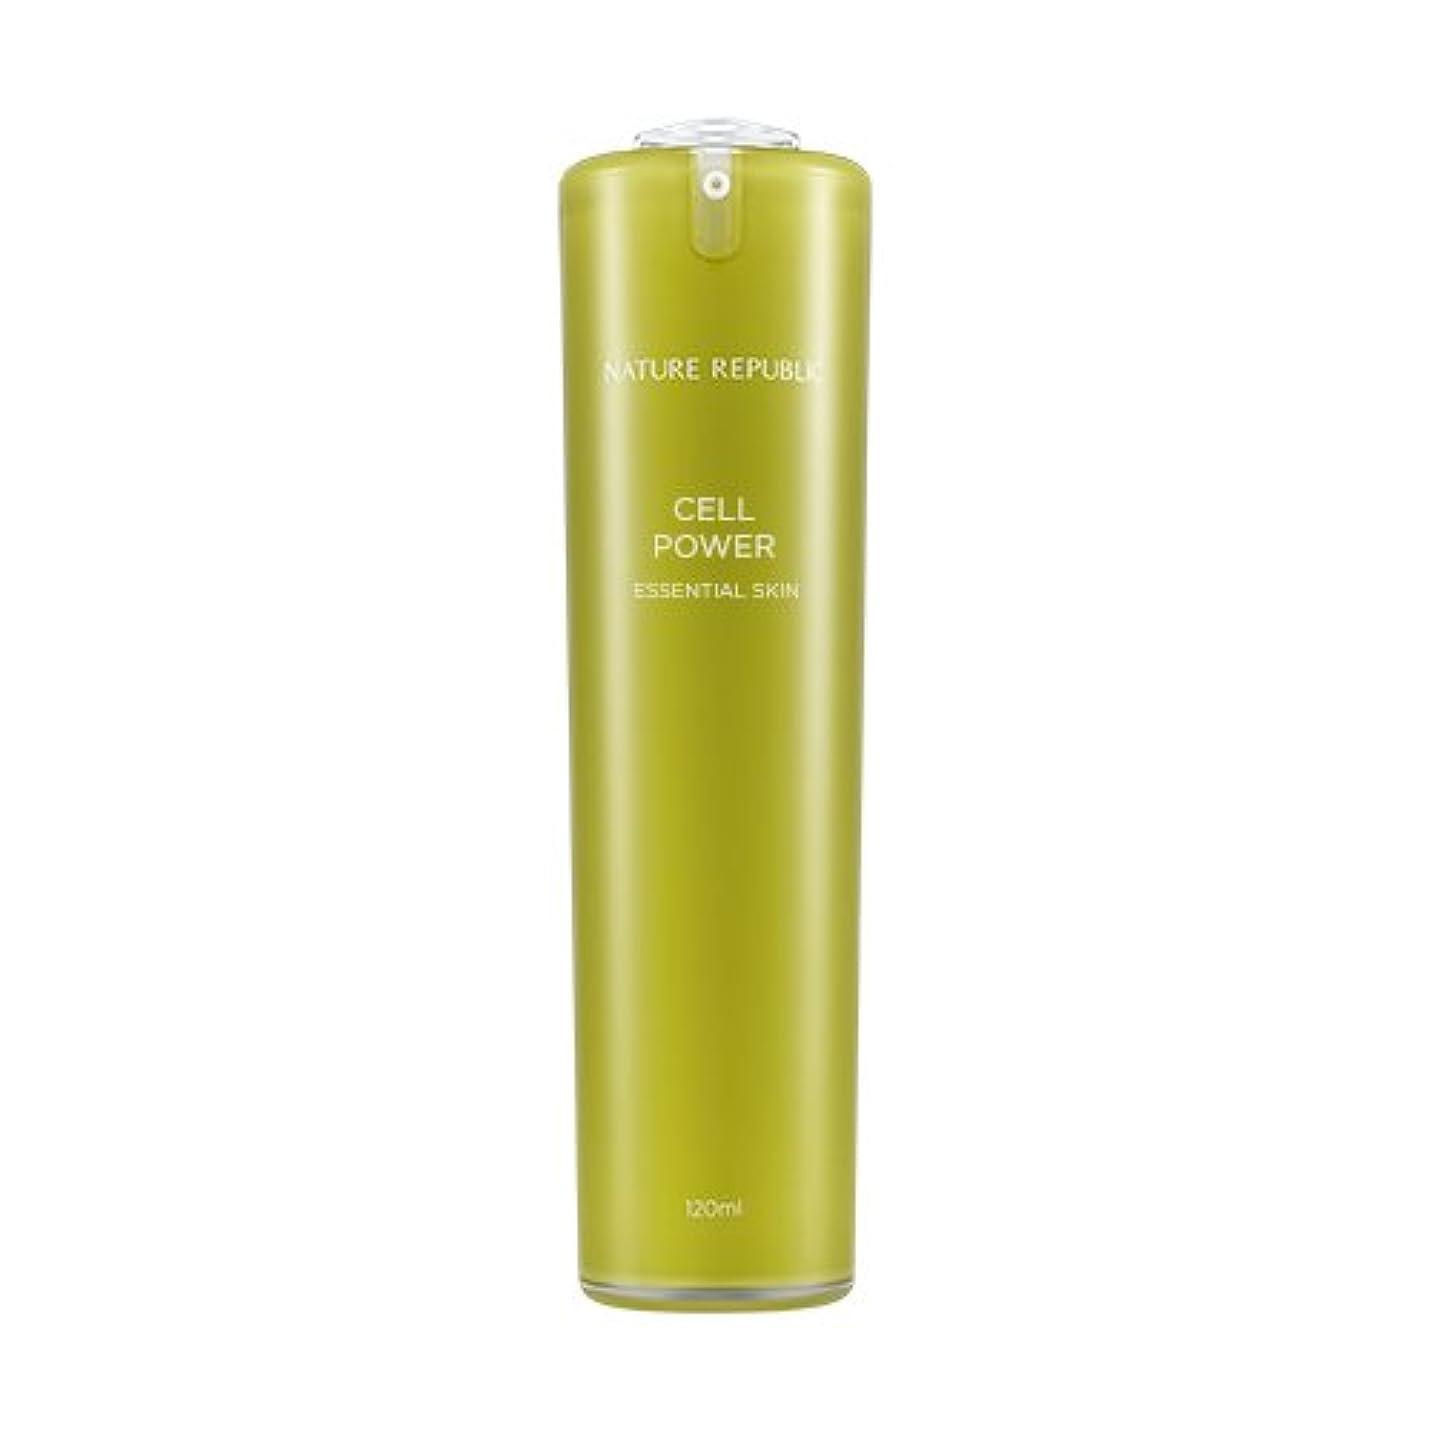 多用途鼓舞する謎めいたNATURE REPUBLIC Cell Power Essential Skin / ネイチャーリパブリックセルパワーエッセンシャルスキン 120ml [並行輸入品]